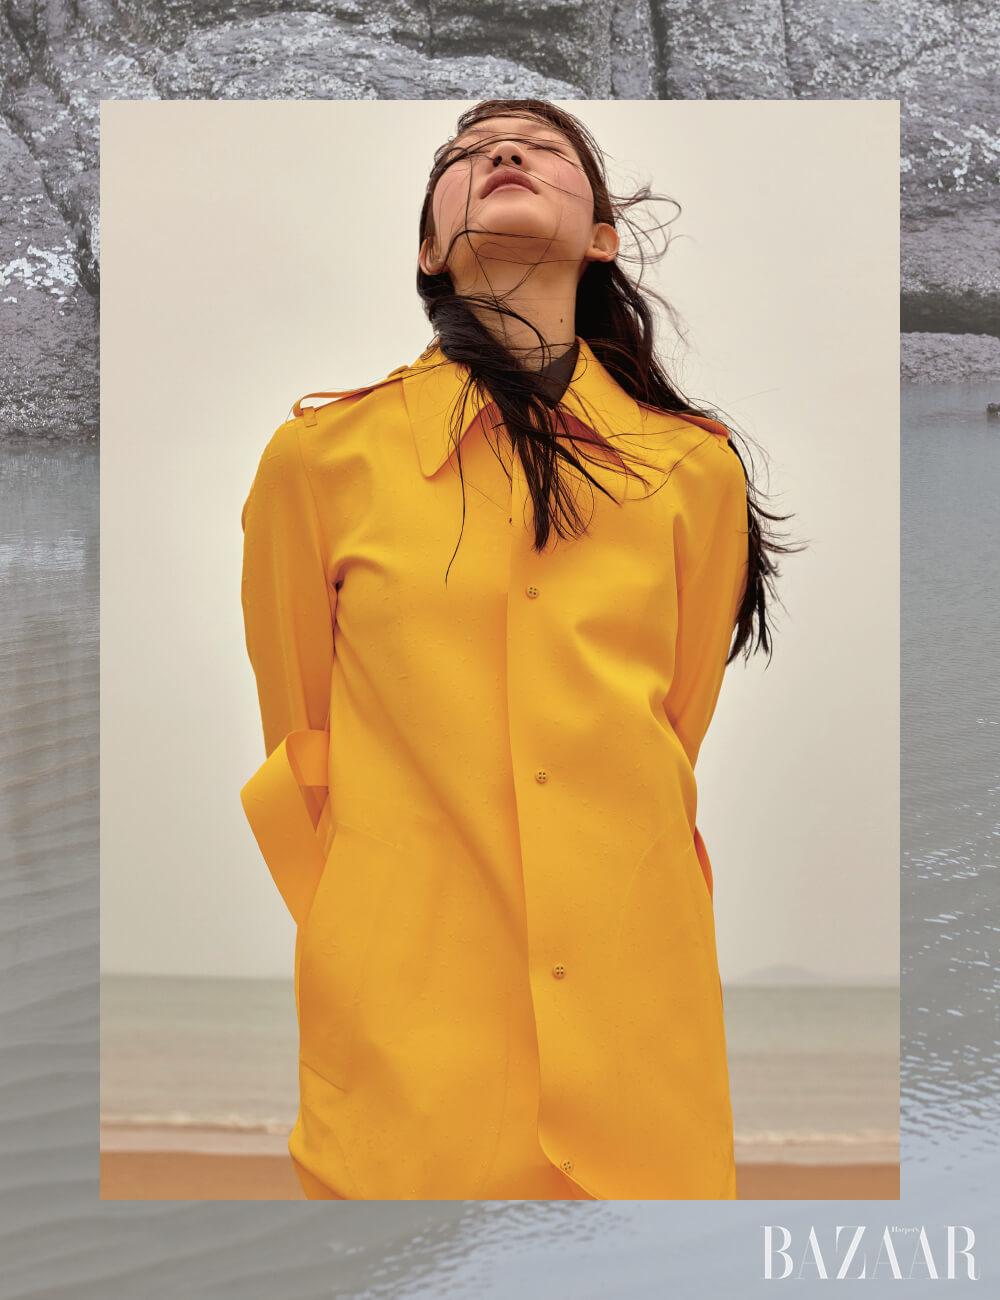 러버 트렌치코트, 셔츠는 모두 Bottega Veneta.